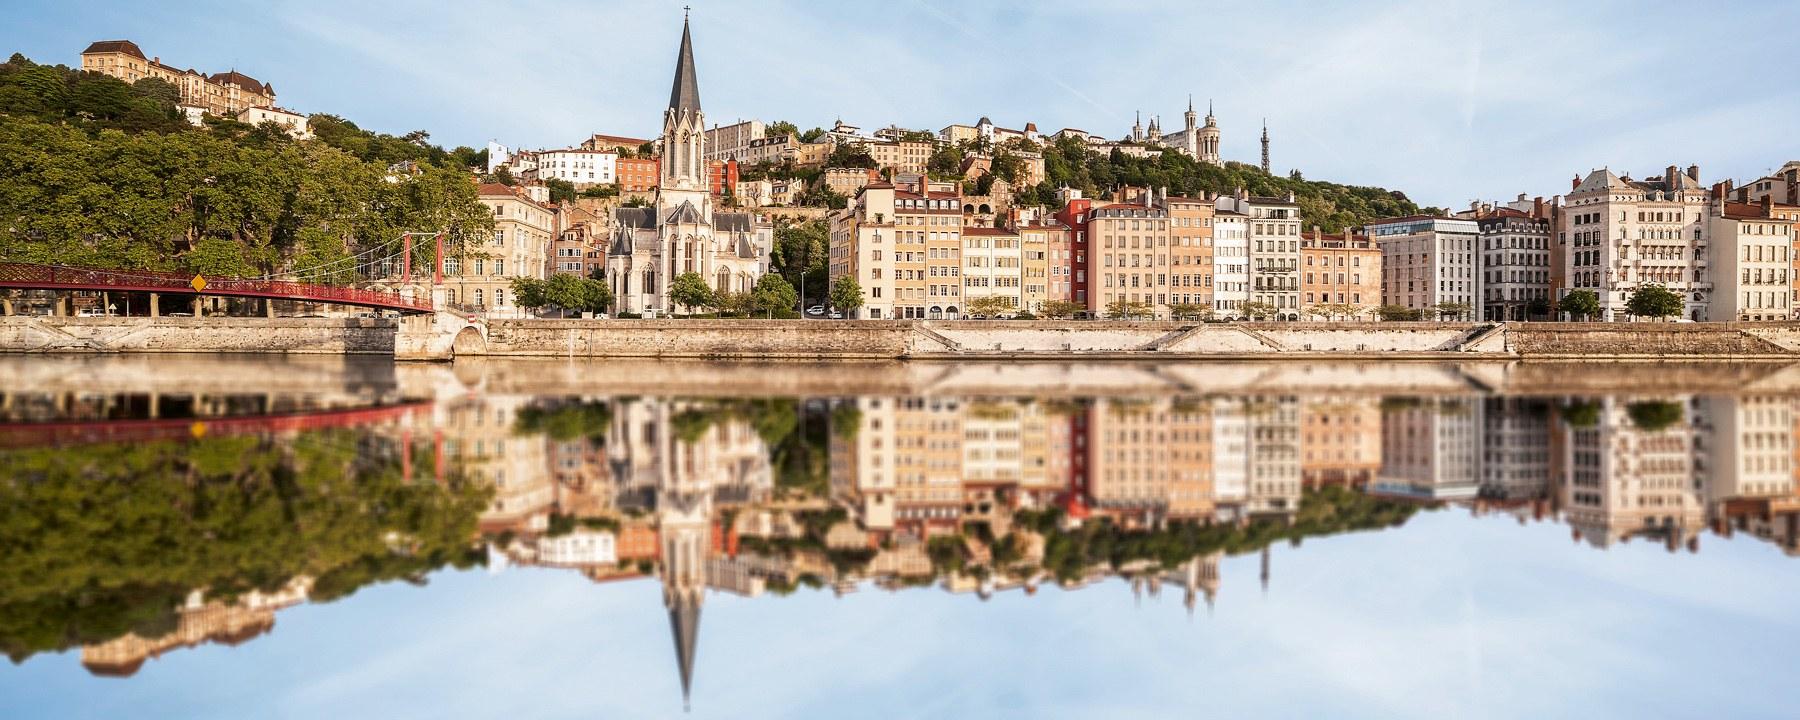 5 Nächte ab Lyon, Viviers, Arles und Avignon nach Vienne.